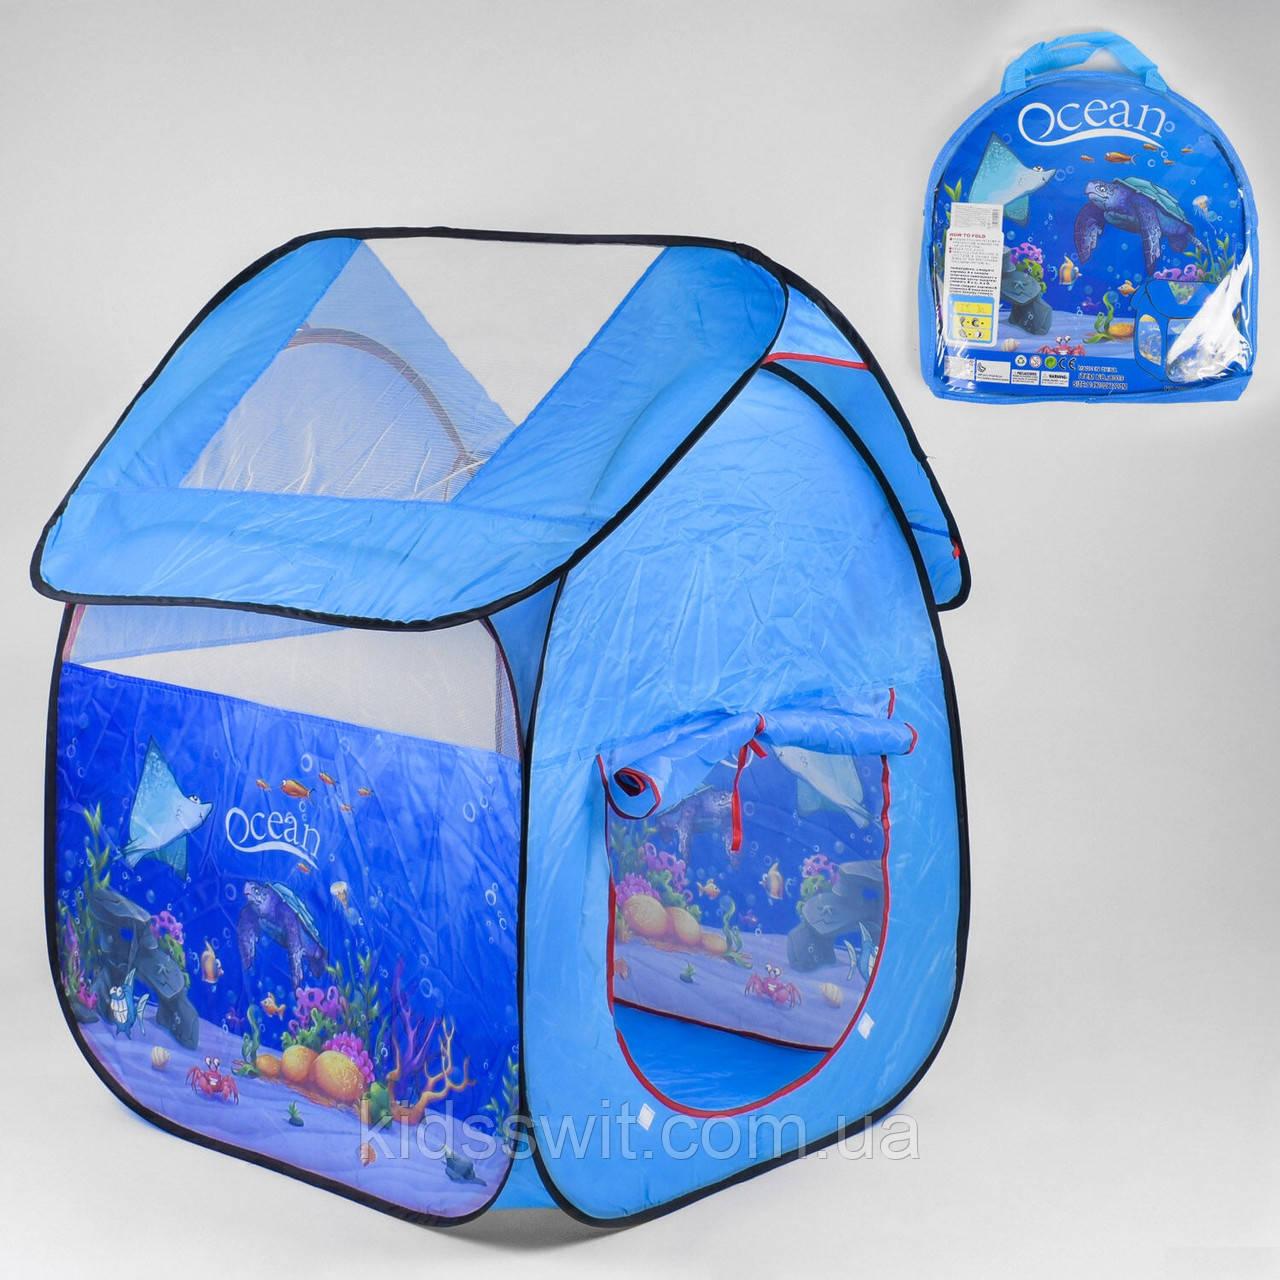 """Палатка детская """"Океан"""" 112 х102 х114 см, в сумке 8009 AN"""